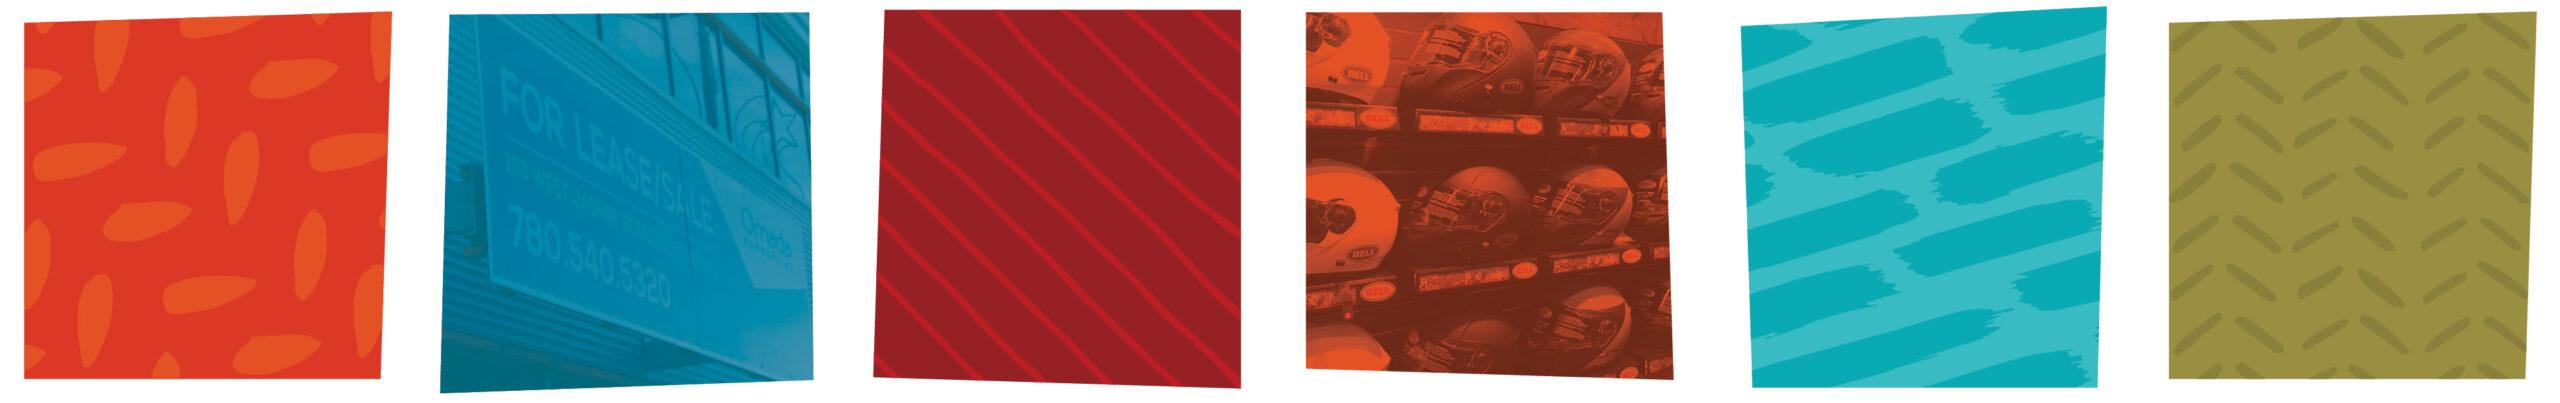 SPR Top Header Images_7